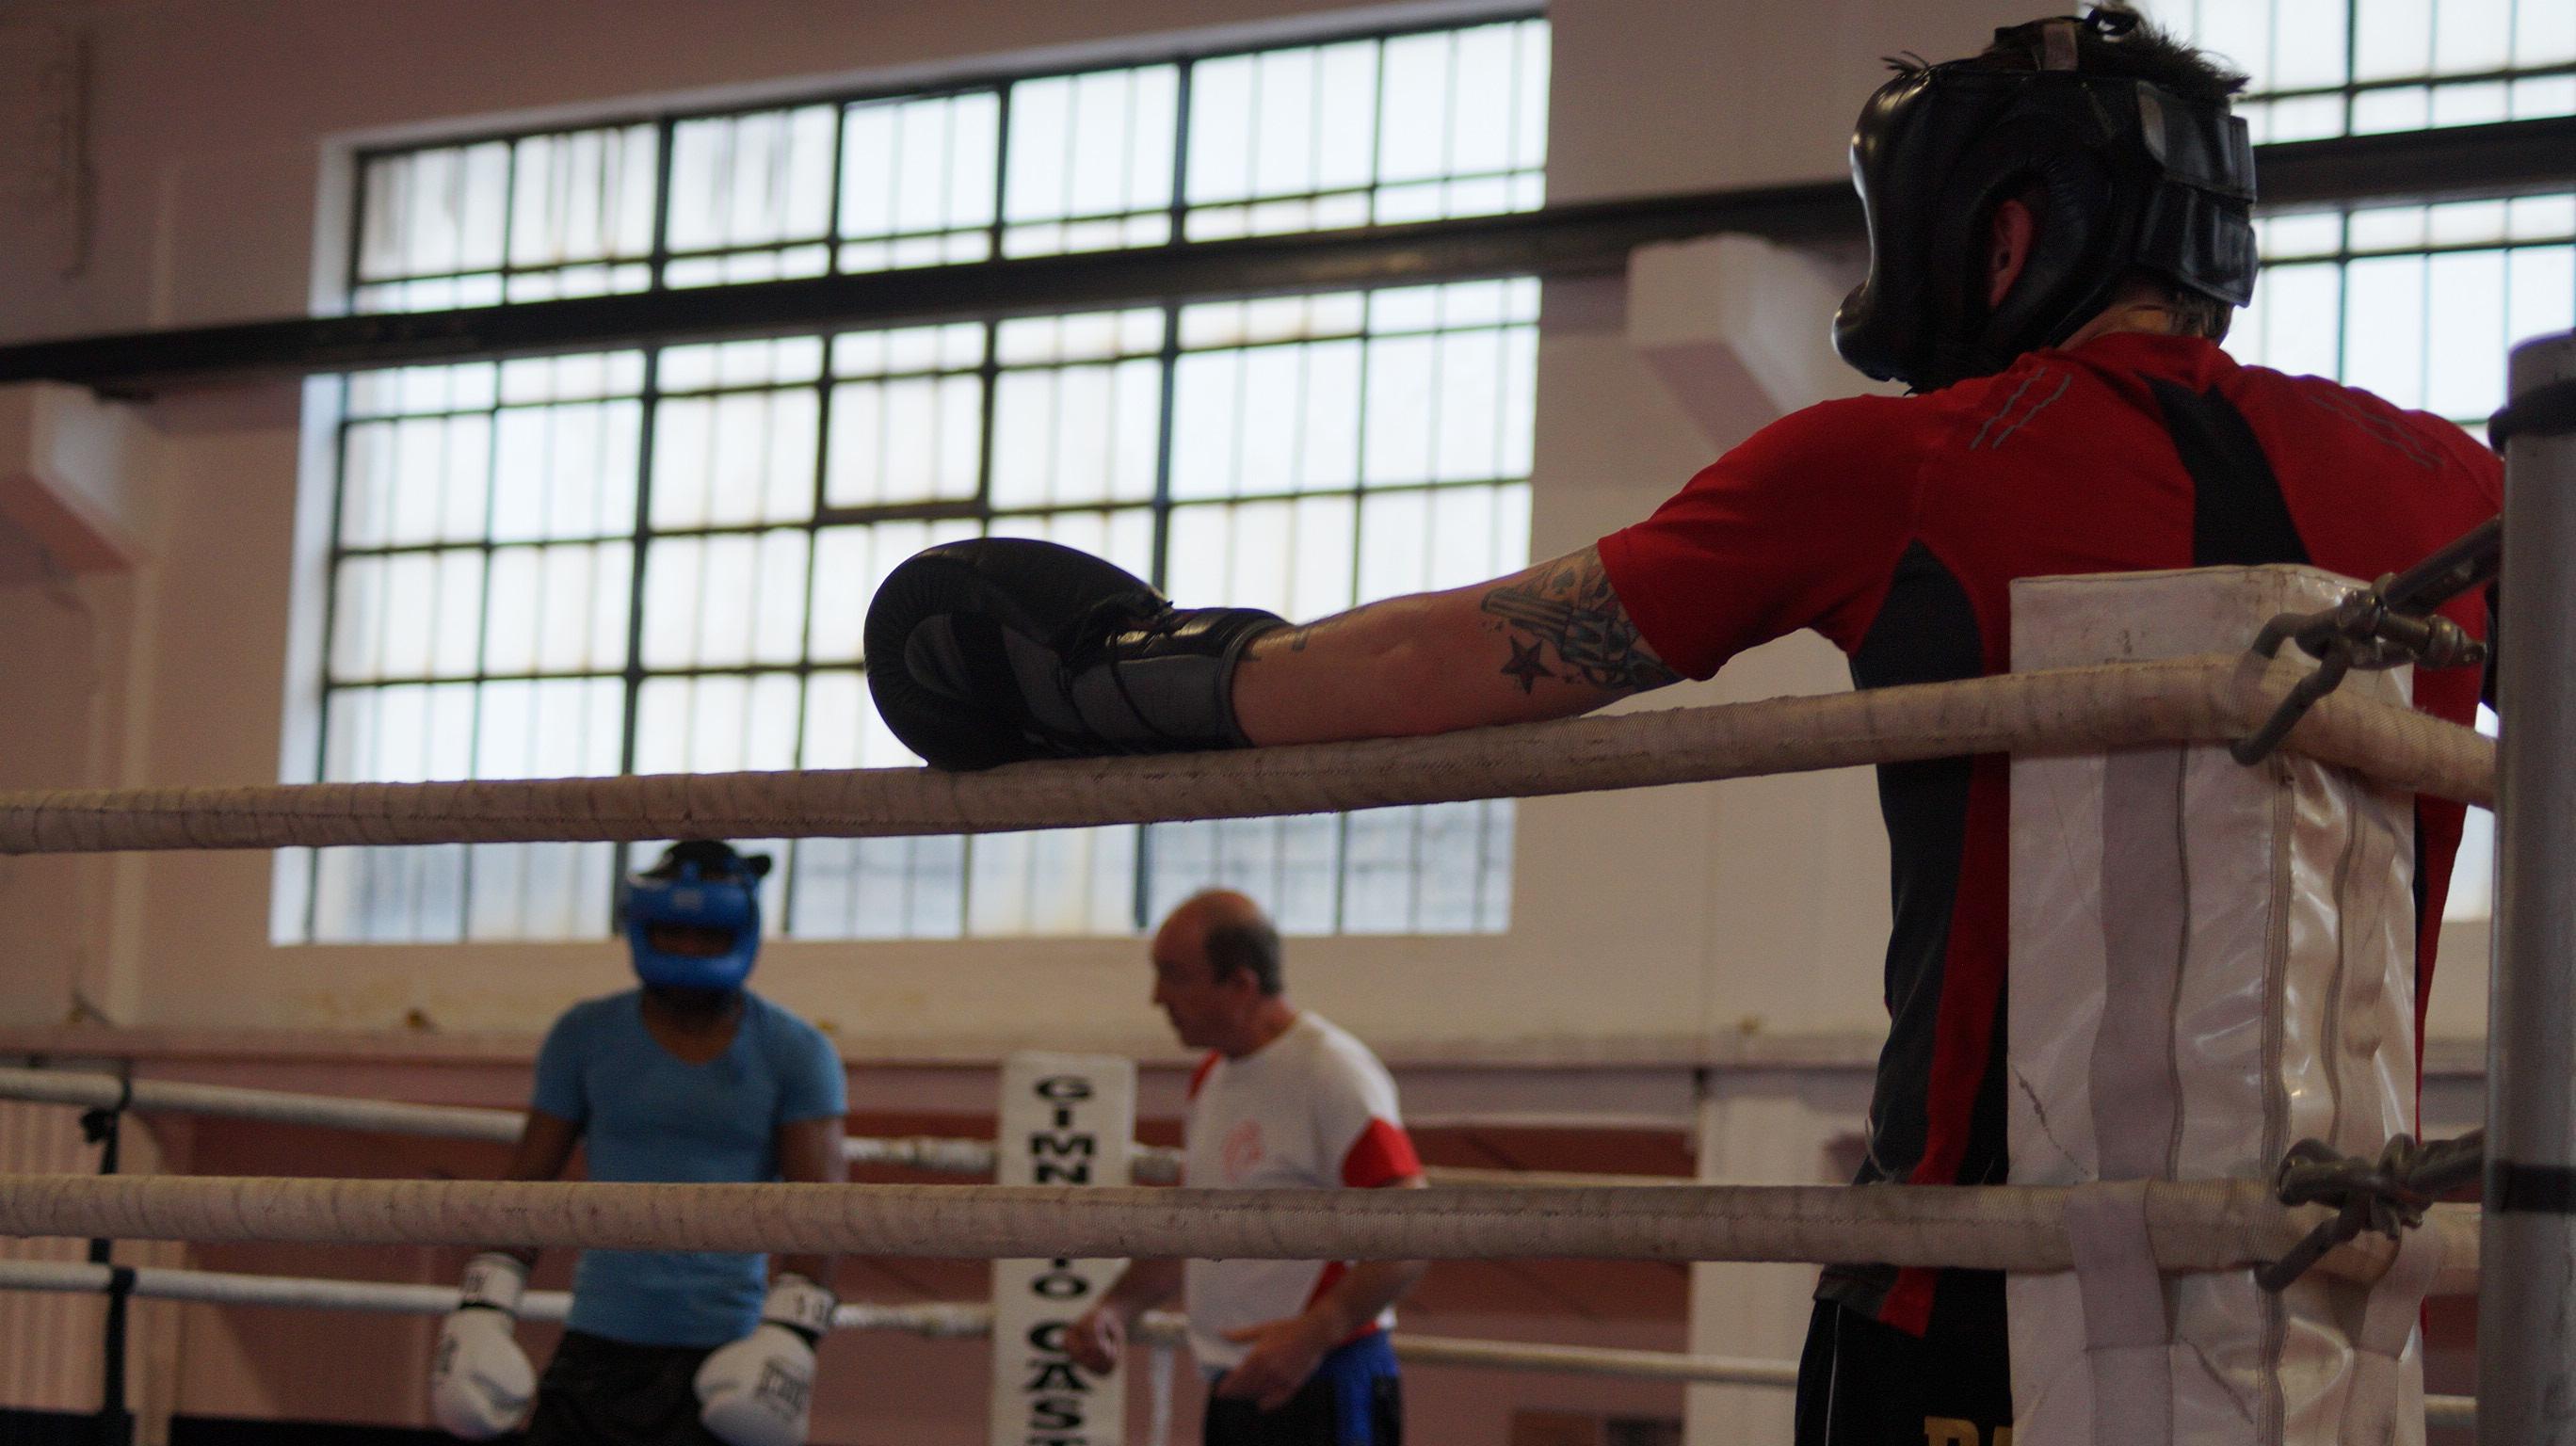 Uno de los rings del nuevo Gasteizsport de Vitoria es el escenario de las sesiones de sparring en las que trabajan Nacho Mendoza y Kerman Lejarraga a las órdenes de José Luis Celaya.